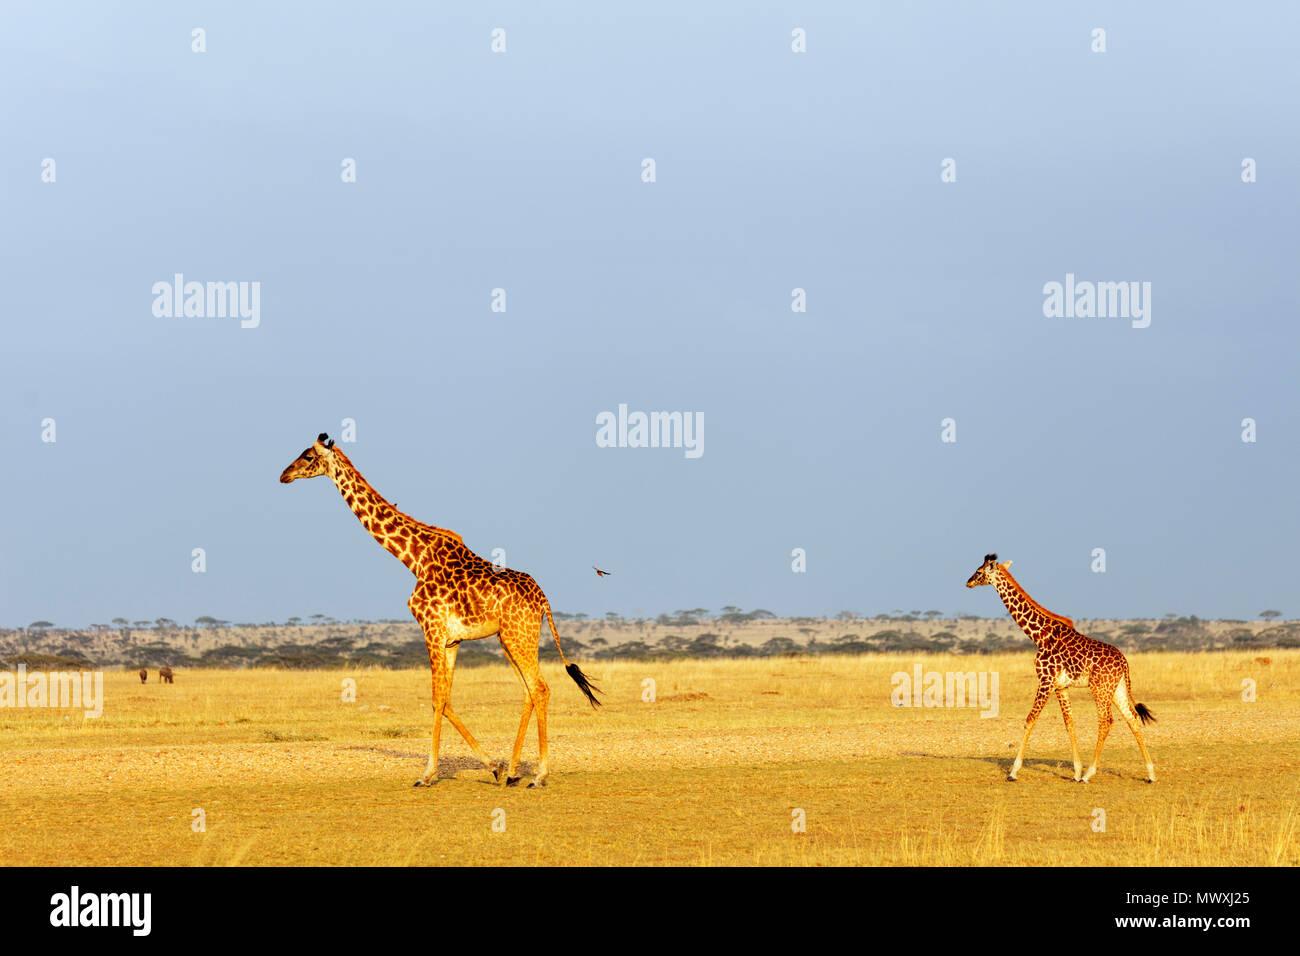 Giraffe (Giraffa camelopardalis), il Parco Nazionale del Serengeti, Sito Patrimonio Mondiale dell'UNESCO, Tanzania, Africa orientale, Africa Immagini Stock